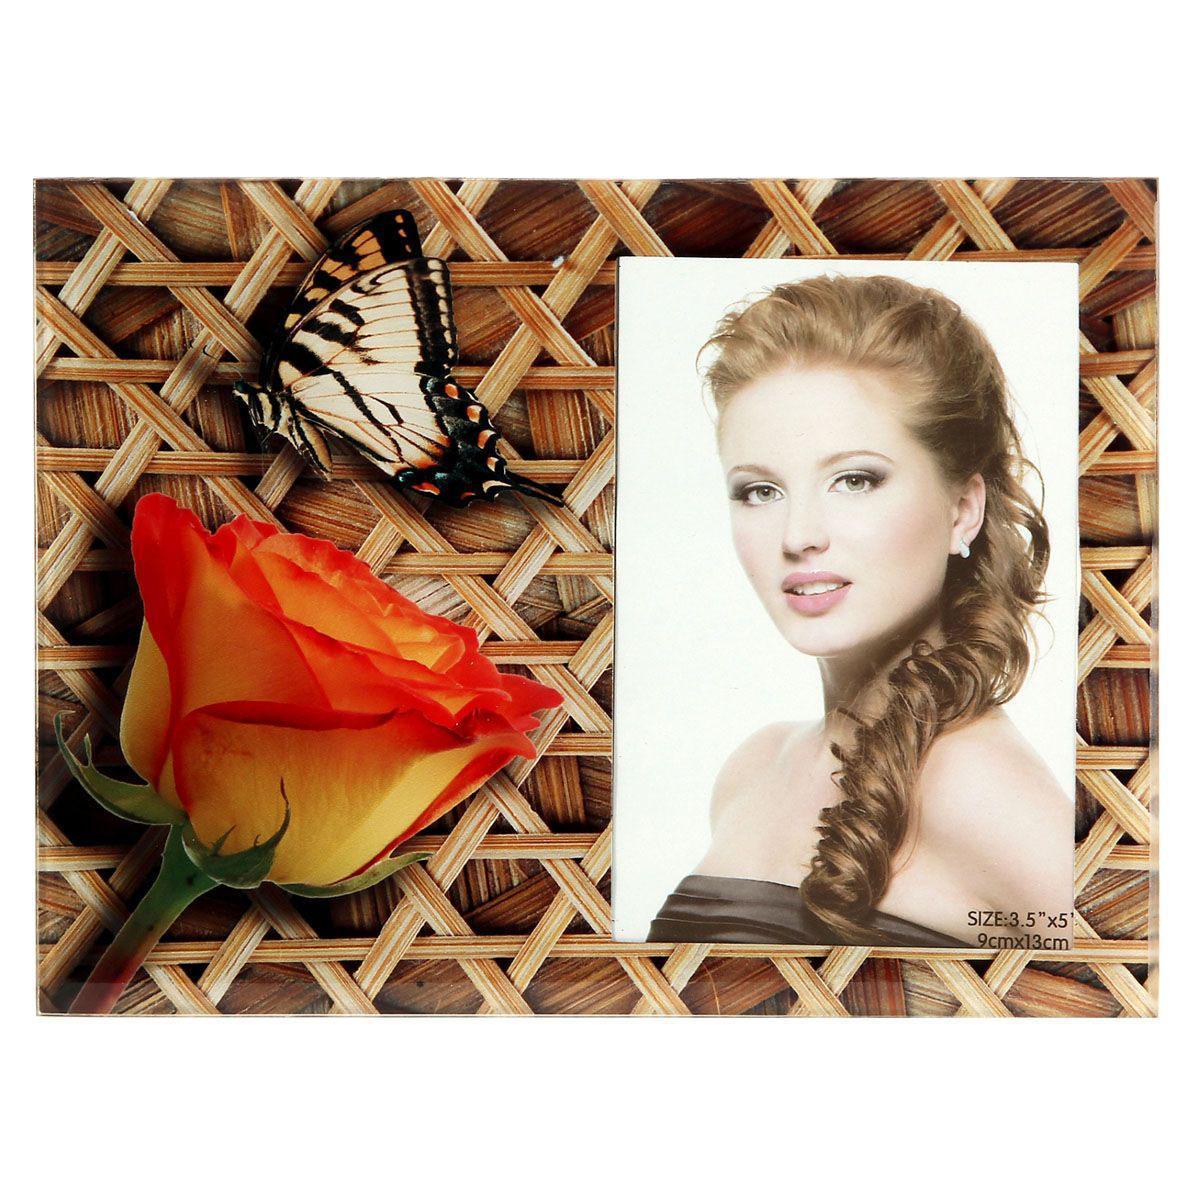 Фоторамка Sima-land Роза с бабочкой на плетенке, цвет: коричневый, 9 х 13 см843748Декоративная фоторамка Sima-land Роза с бабочкой на плетенке выполнена из стекла и декорирована изображениями розы и бабочки. Обратная сторона рамки оснащена специальной ножкой, благодаря которой ее можно поставить на стол или любое другое место в доме или офисе. Такая фоторамка украсит ваш интерьер оригинальным образом, а также позволит сохранить память о дорогих вам людях и интересных событиях вашей жизни. С ней вы сможете не просто внести в интерьер своего дома элемент оригинальности, но и создать атмосферу загадочности и изысканности.